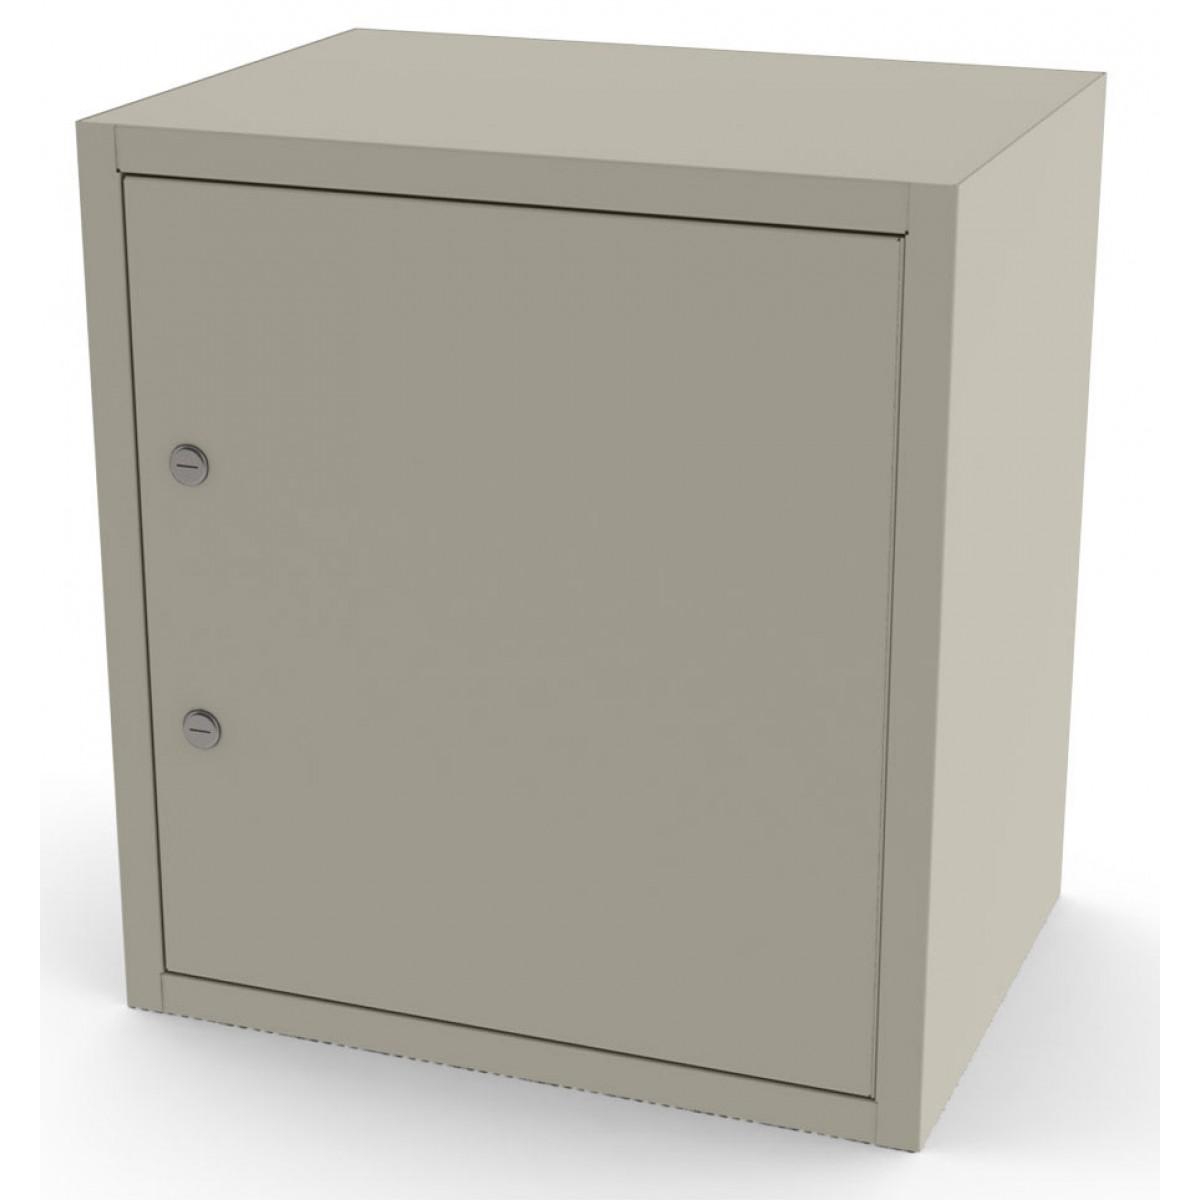 Umf 7785 Narcotic Cabinet Single Door Double Lock